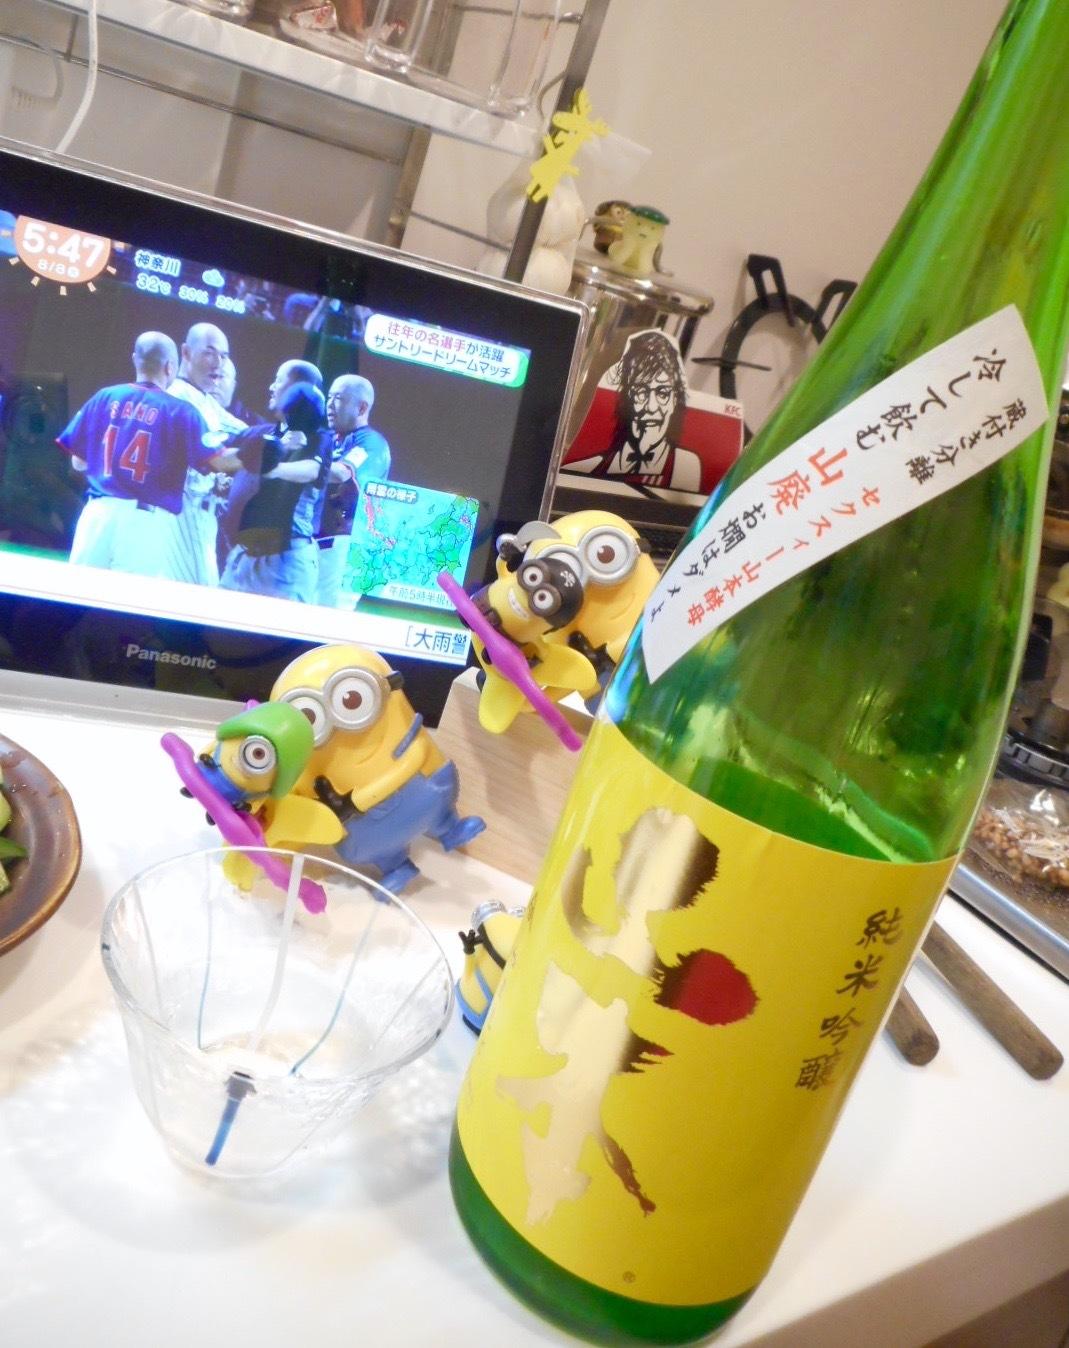 yamamoto_yellow28by12.jpg